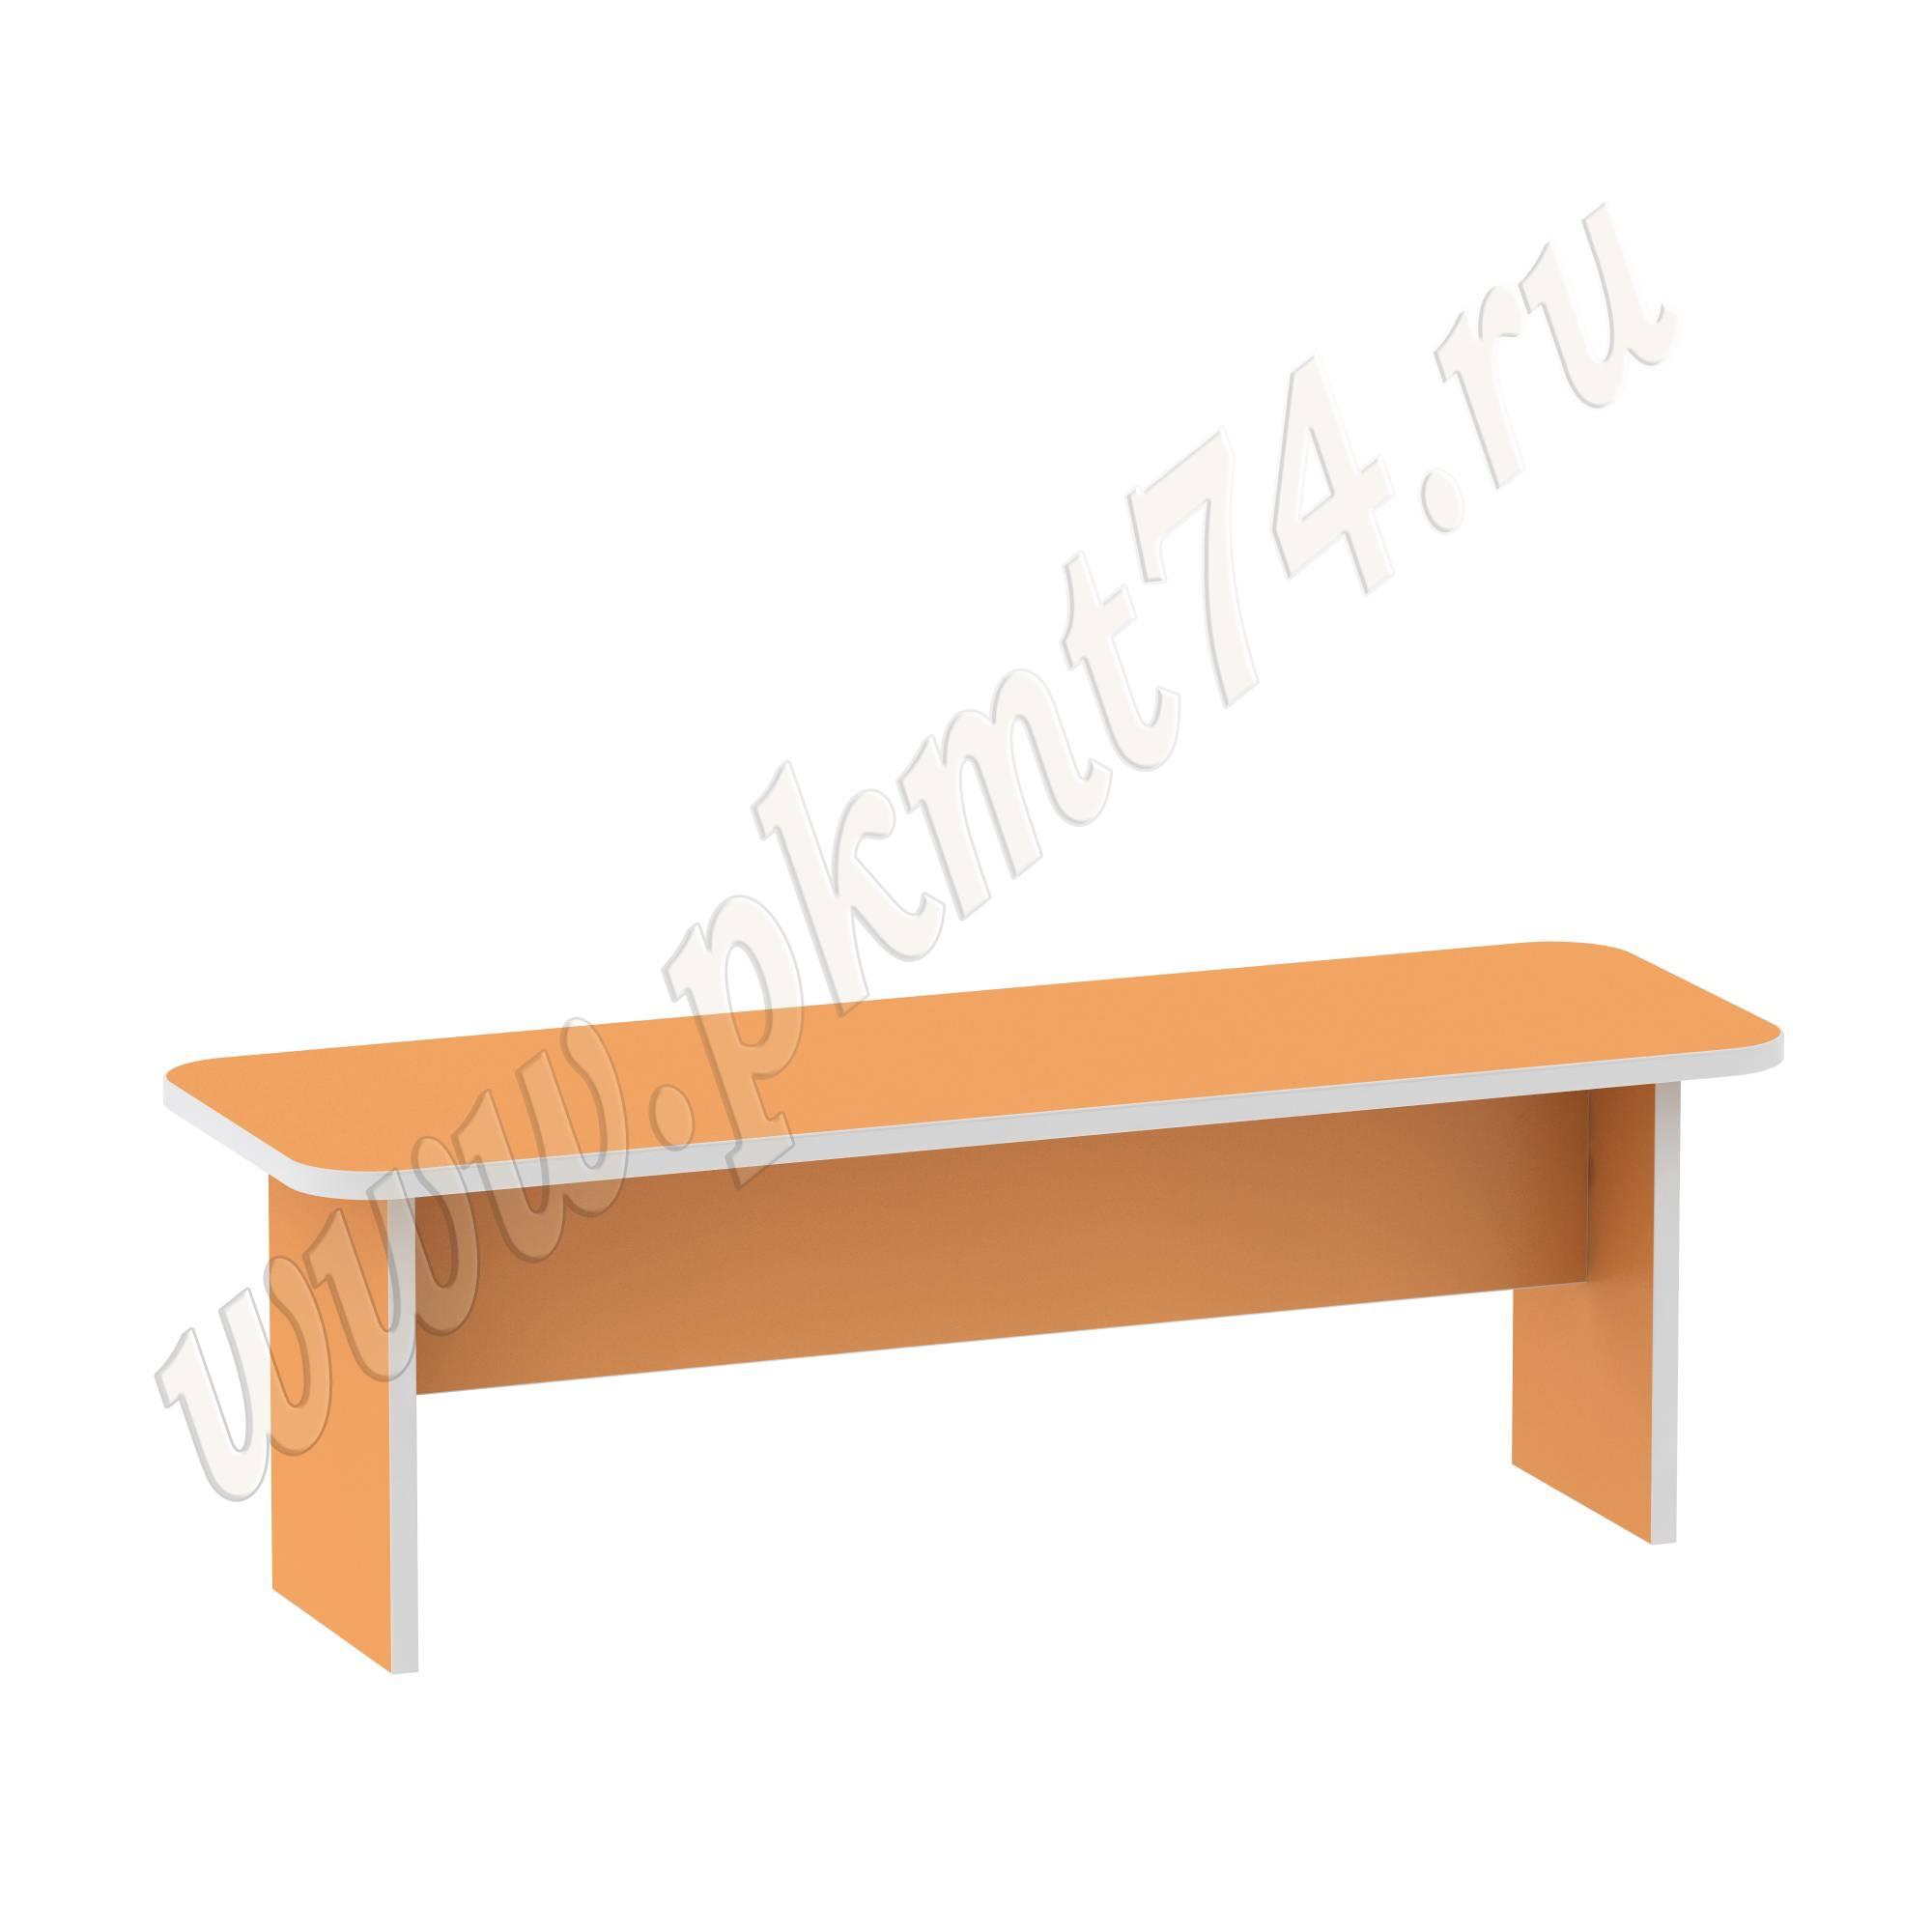 Банкетка для детского сада МТ 17-72 Оранжевый